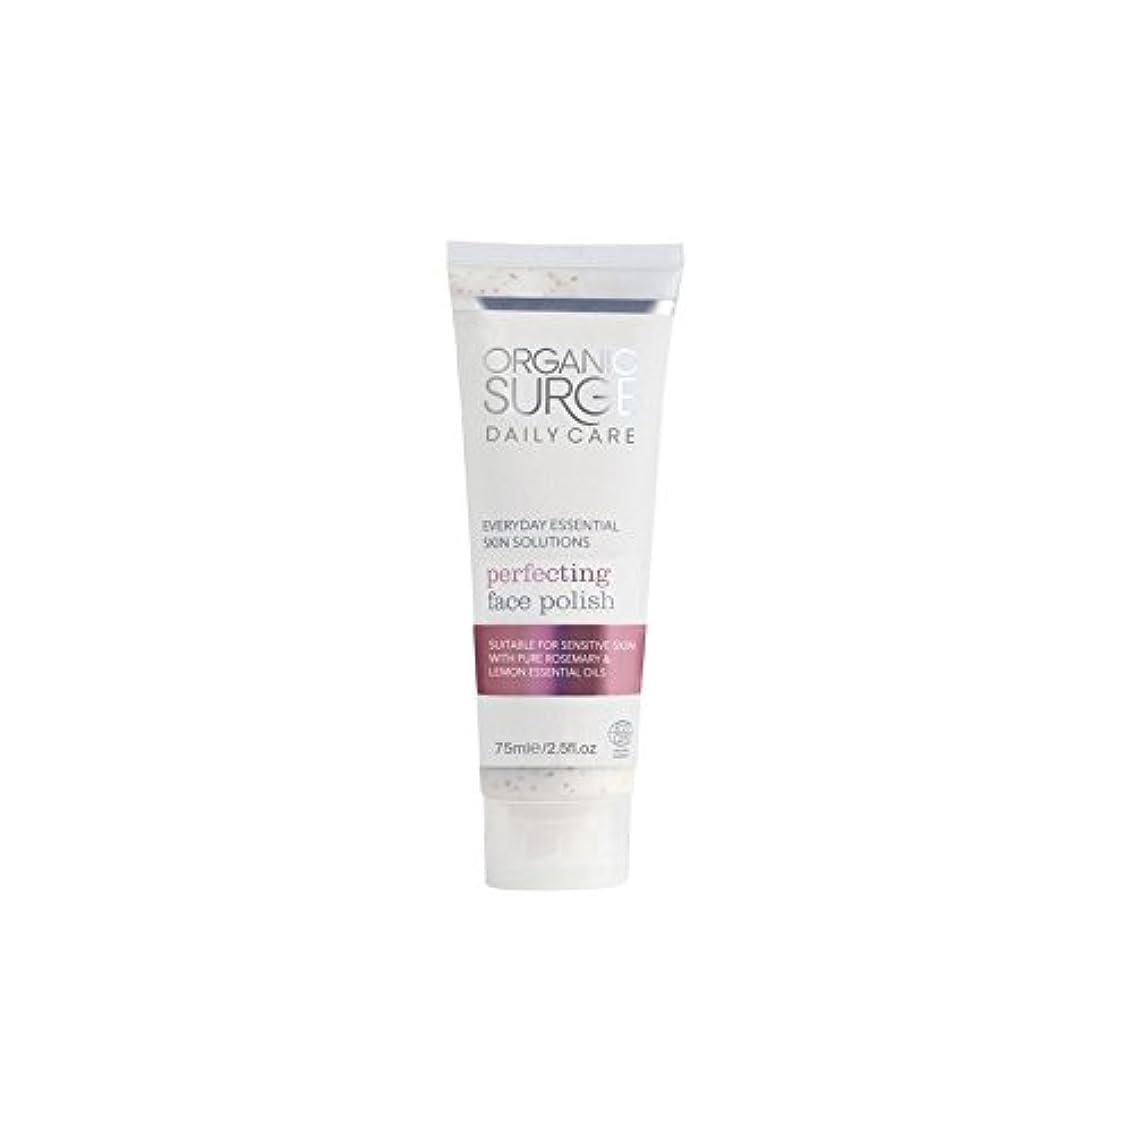 安心アンケート欠員面研磨を完成有機サージ毎日のケア(75ミリリットル) x2 - Organic Surge Daily Care Perfecting Face Polish (75ml) (Pack of 2) [並行輸入品]